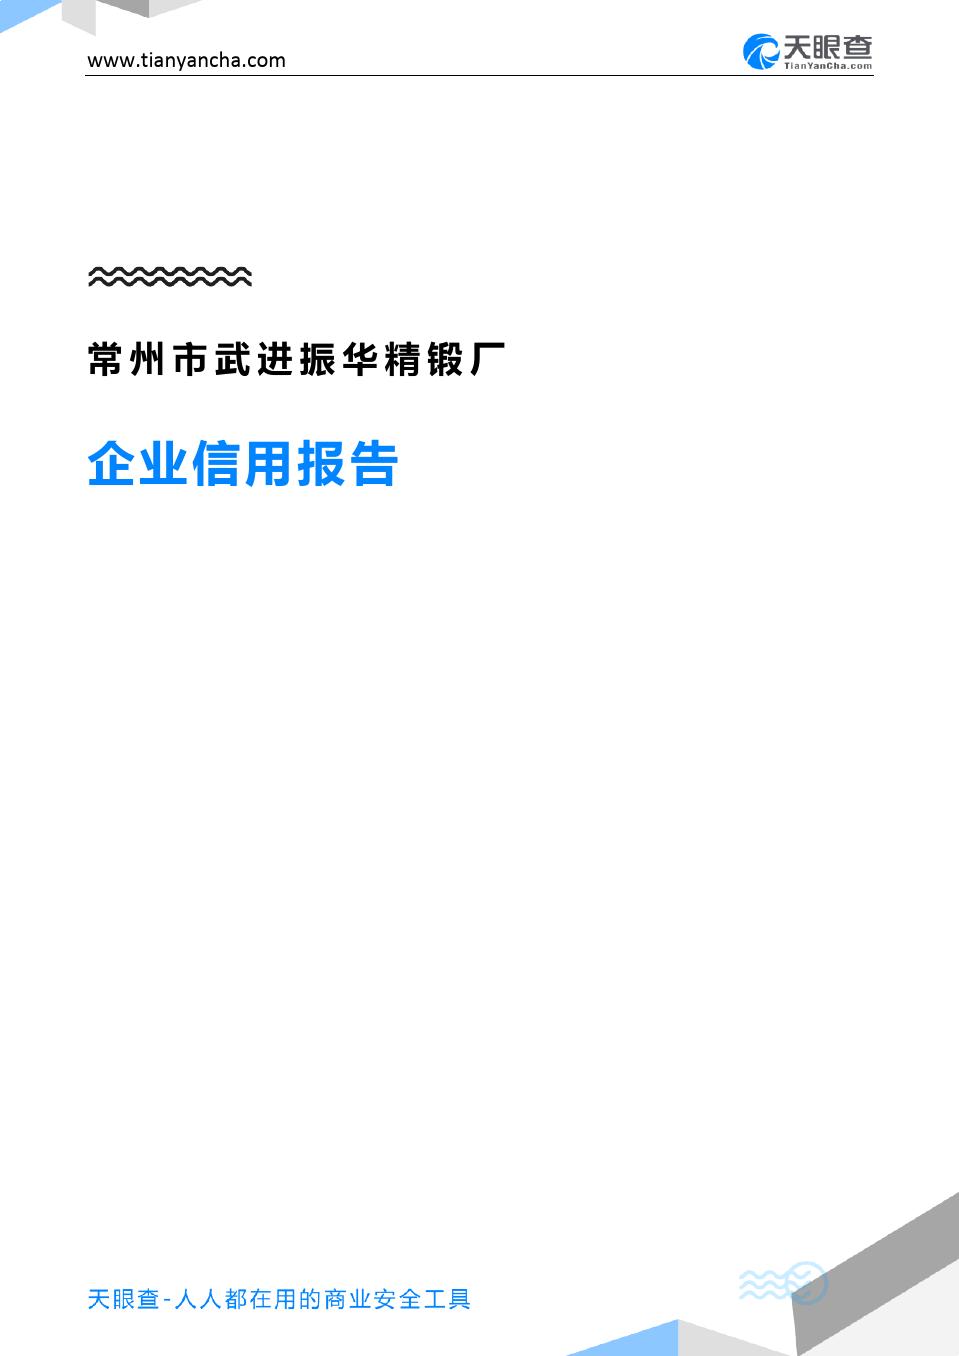 常州市武进振华精锻厂(企业信用报告)- 天眼查